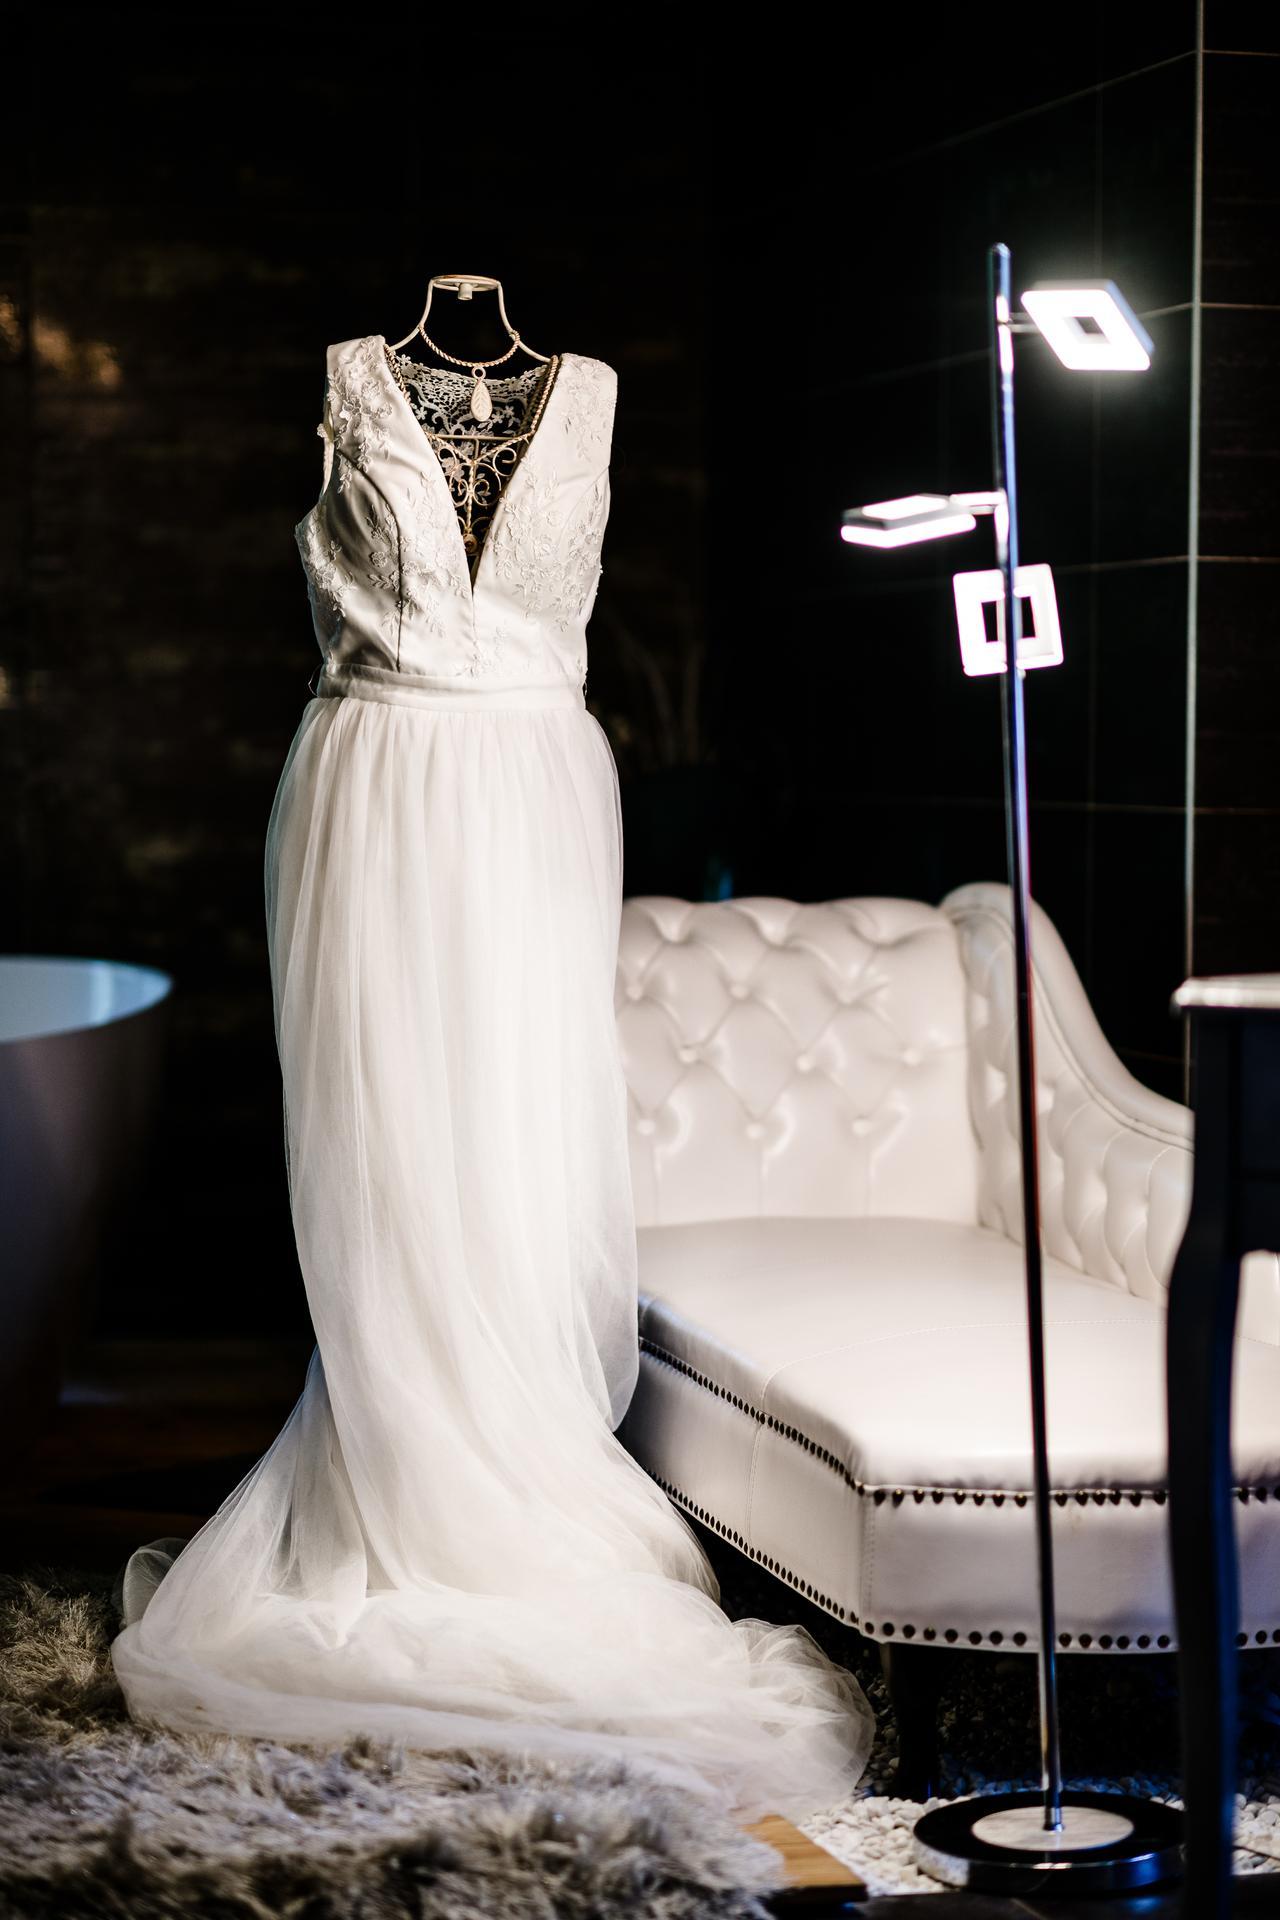 Svatební album - ŠATY vel. 38 (UK12) Chi Chi Bridal Amelia Dress Barva: ivory pásek - zakoupen dodatečně, do svatby jsem trochu zhubla.-))